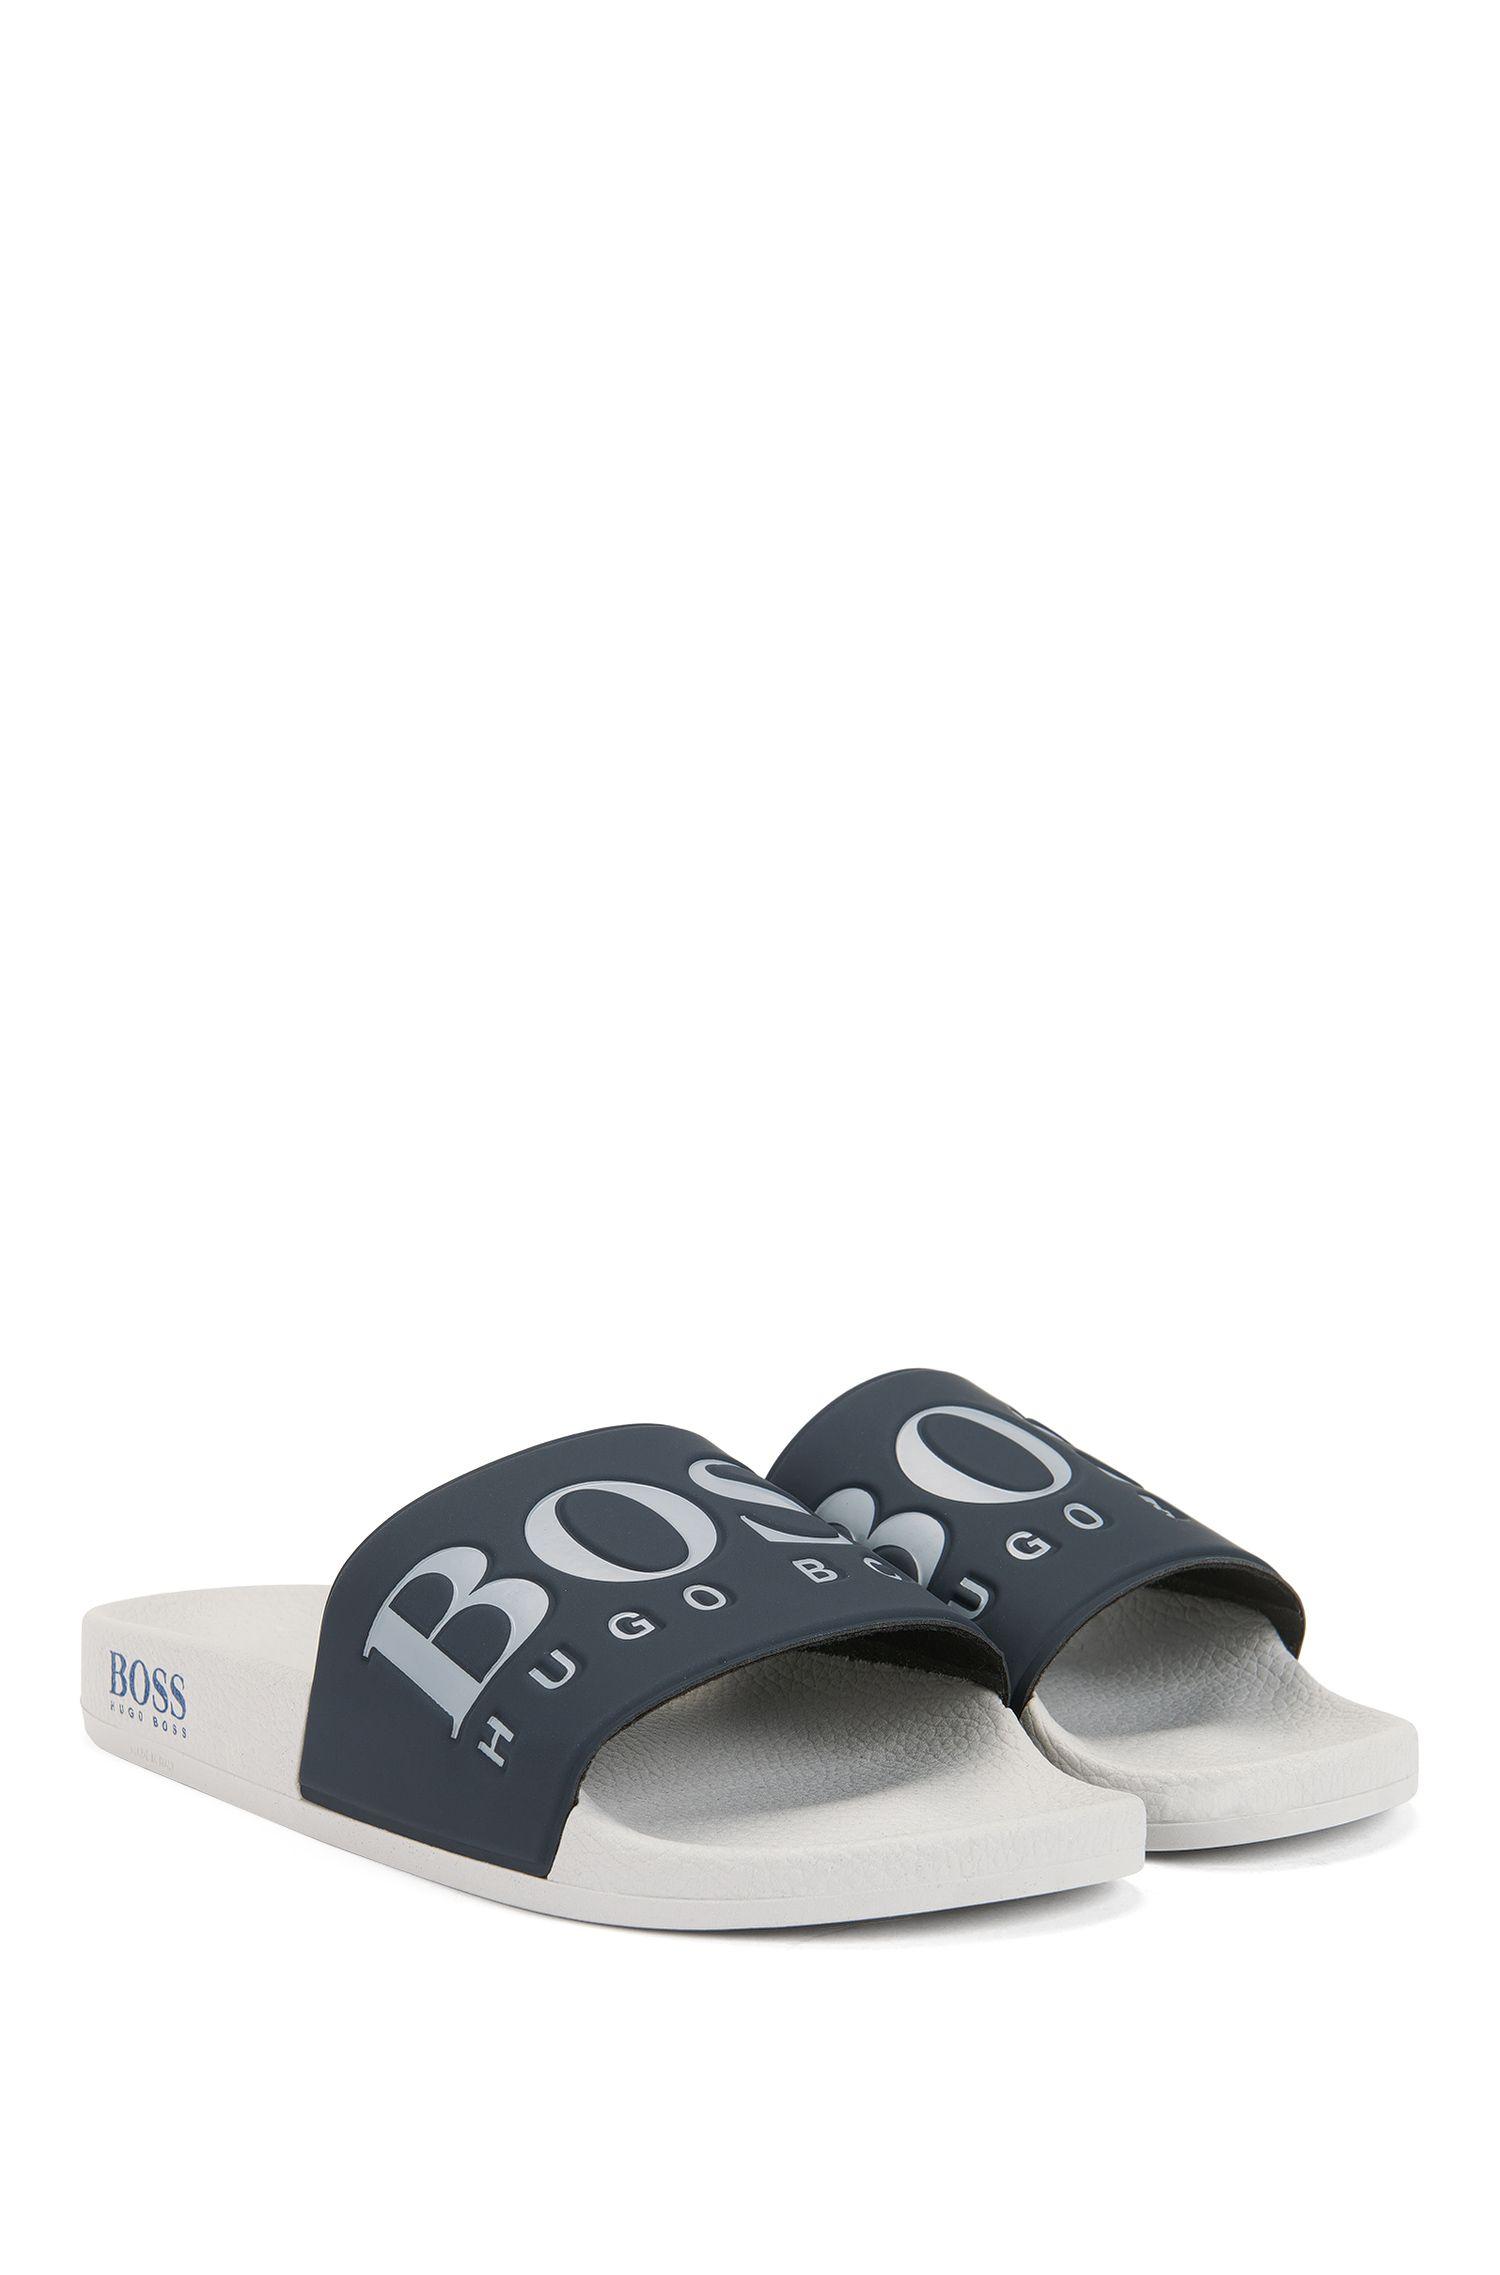 Sandali bassi in gomma realizzati in Italia con logo a contrasto